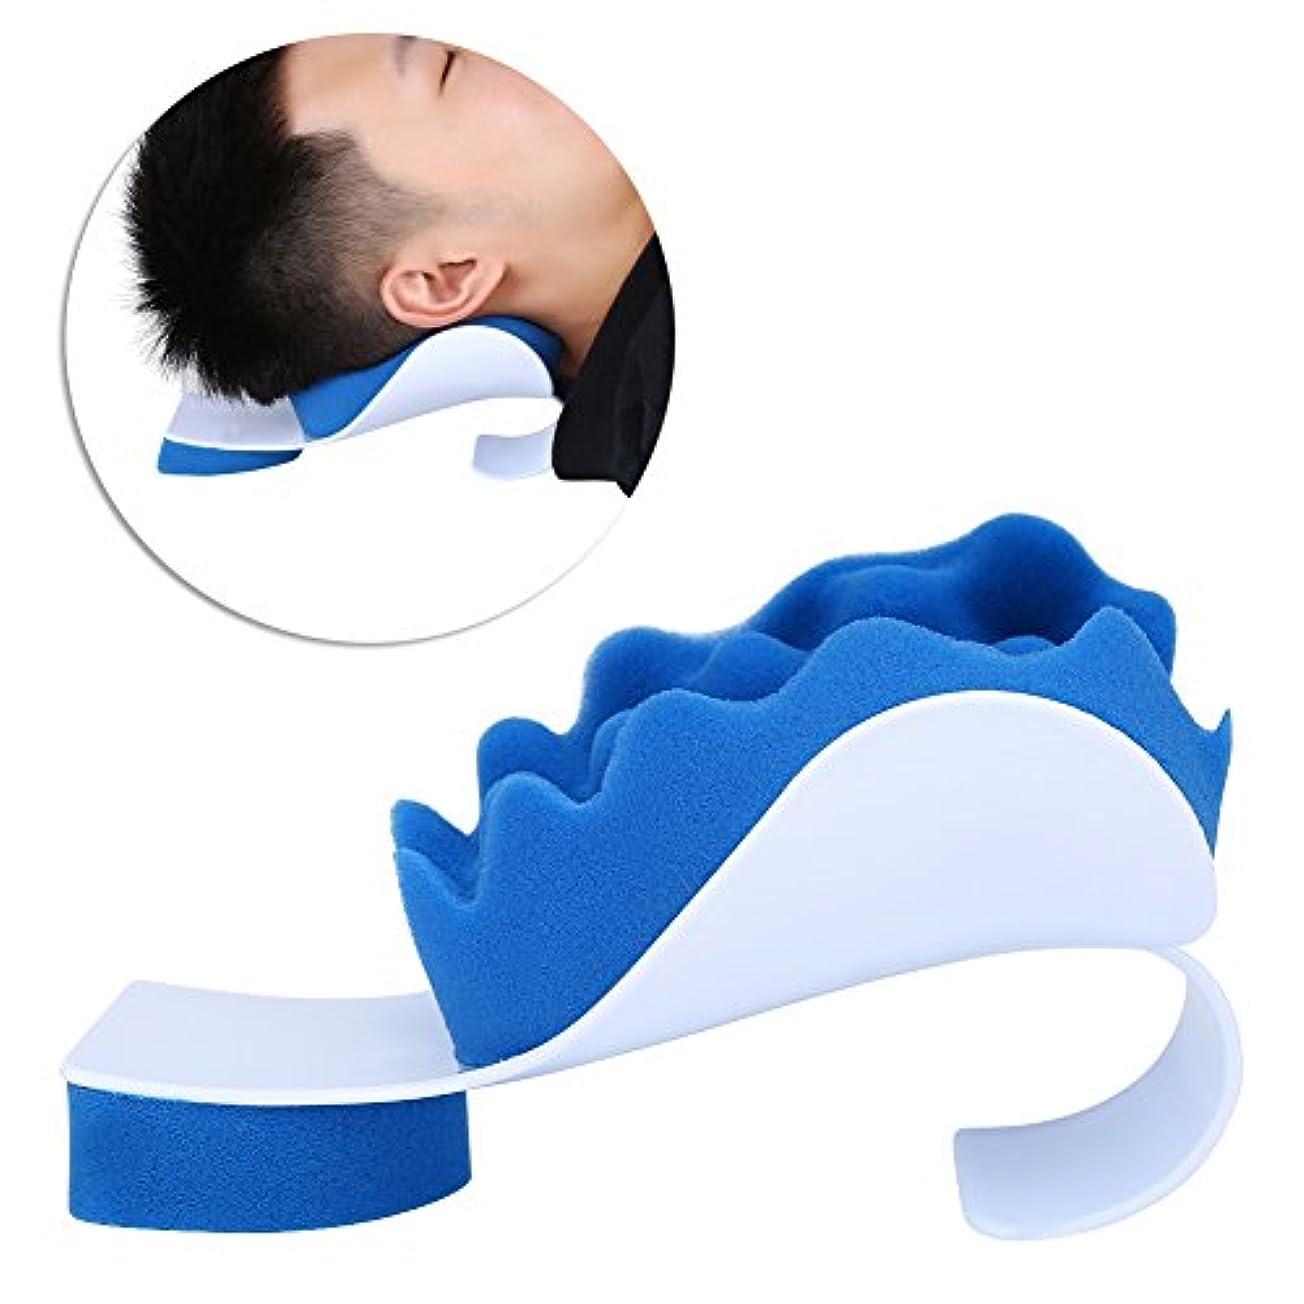 西提供ベイビー肩首リラックスピロー、最高の肩こりと肩の痛みを緩和する緩和サポートデバイス